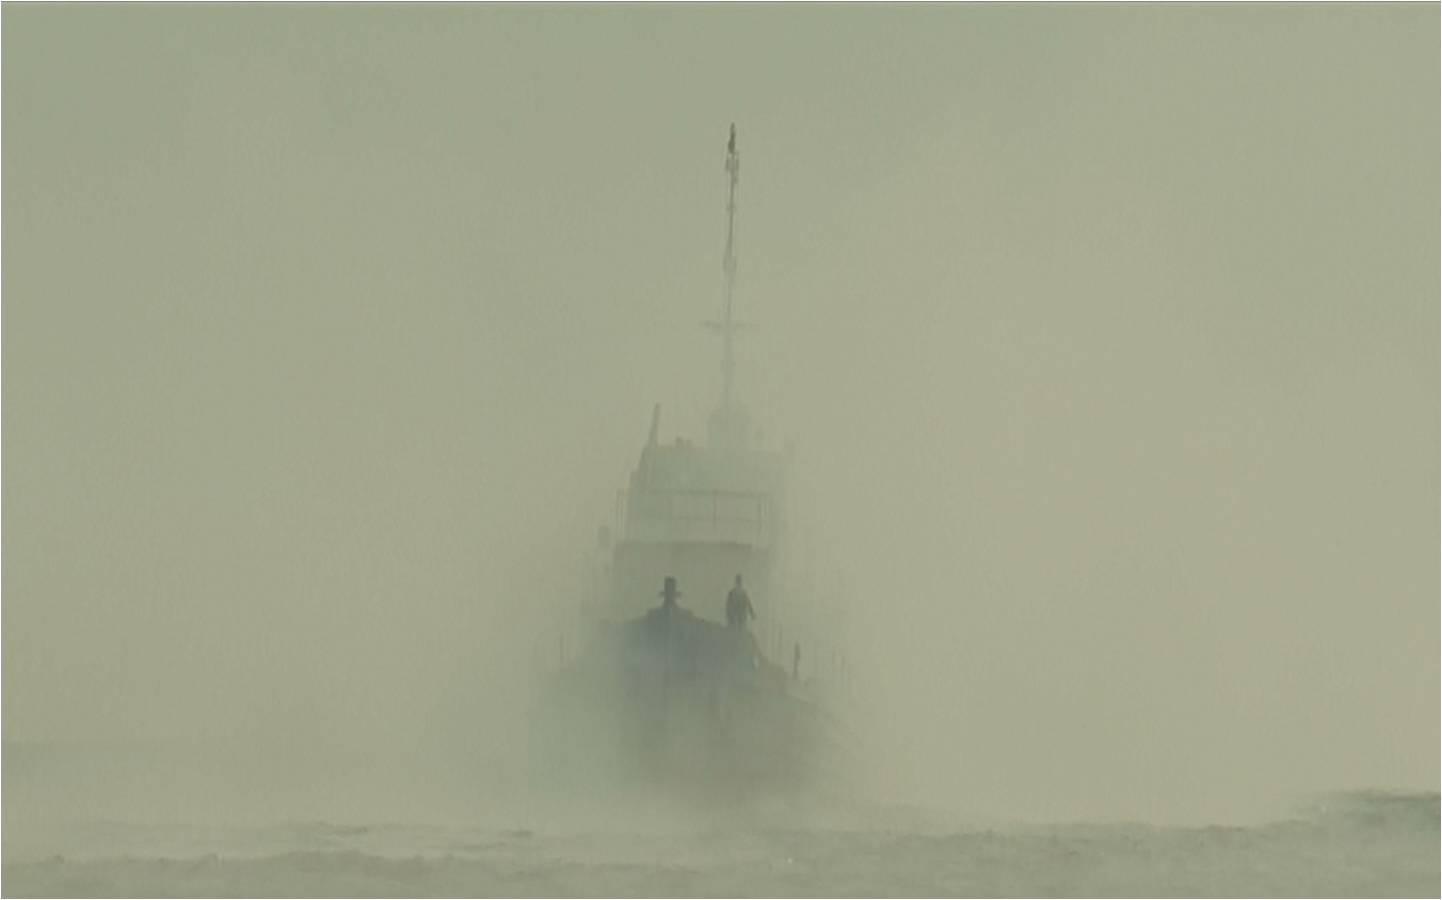 fog-ship